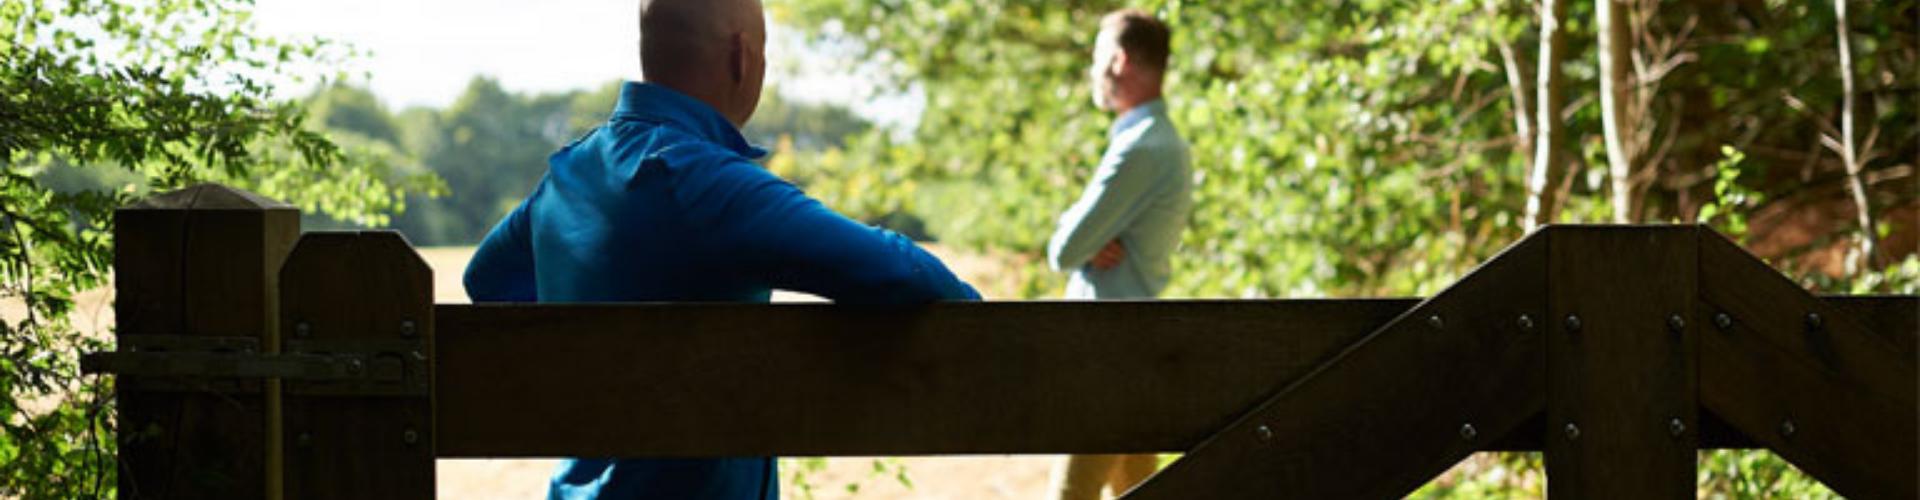 Enrico de Krijger is de adhdh en stress coach van Friesland